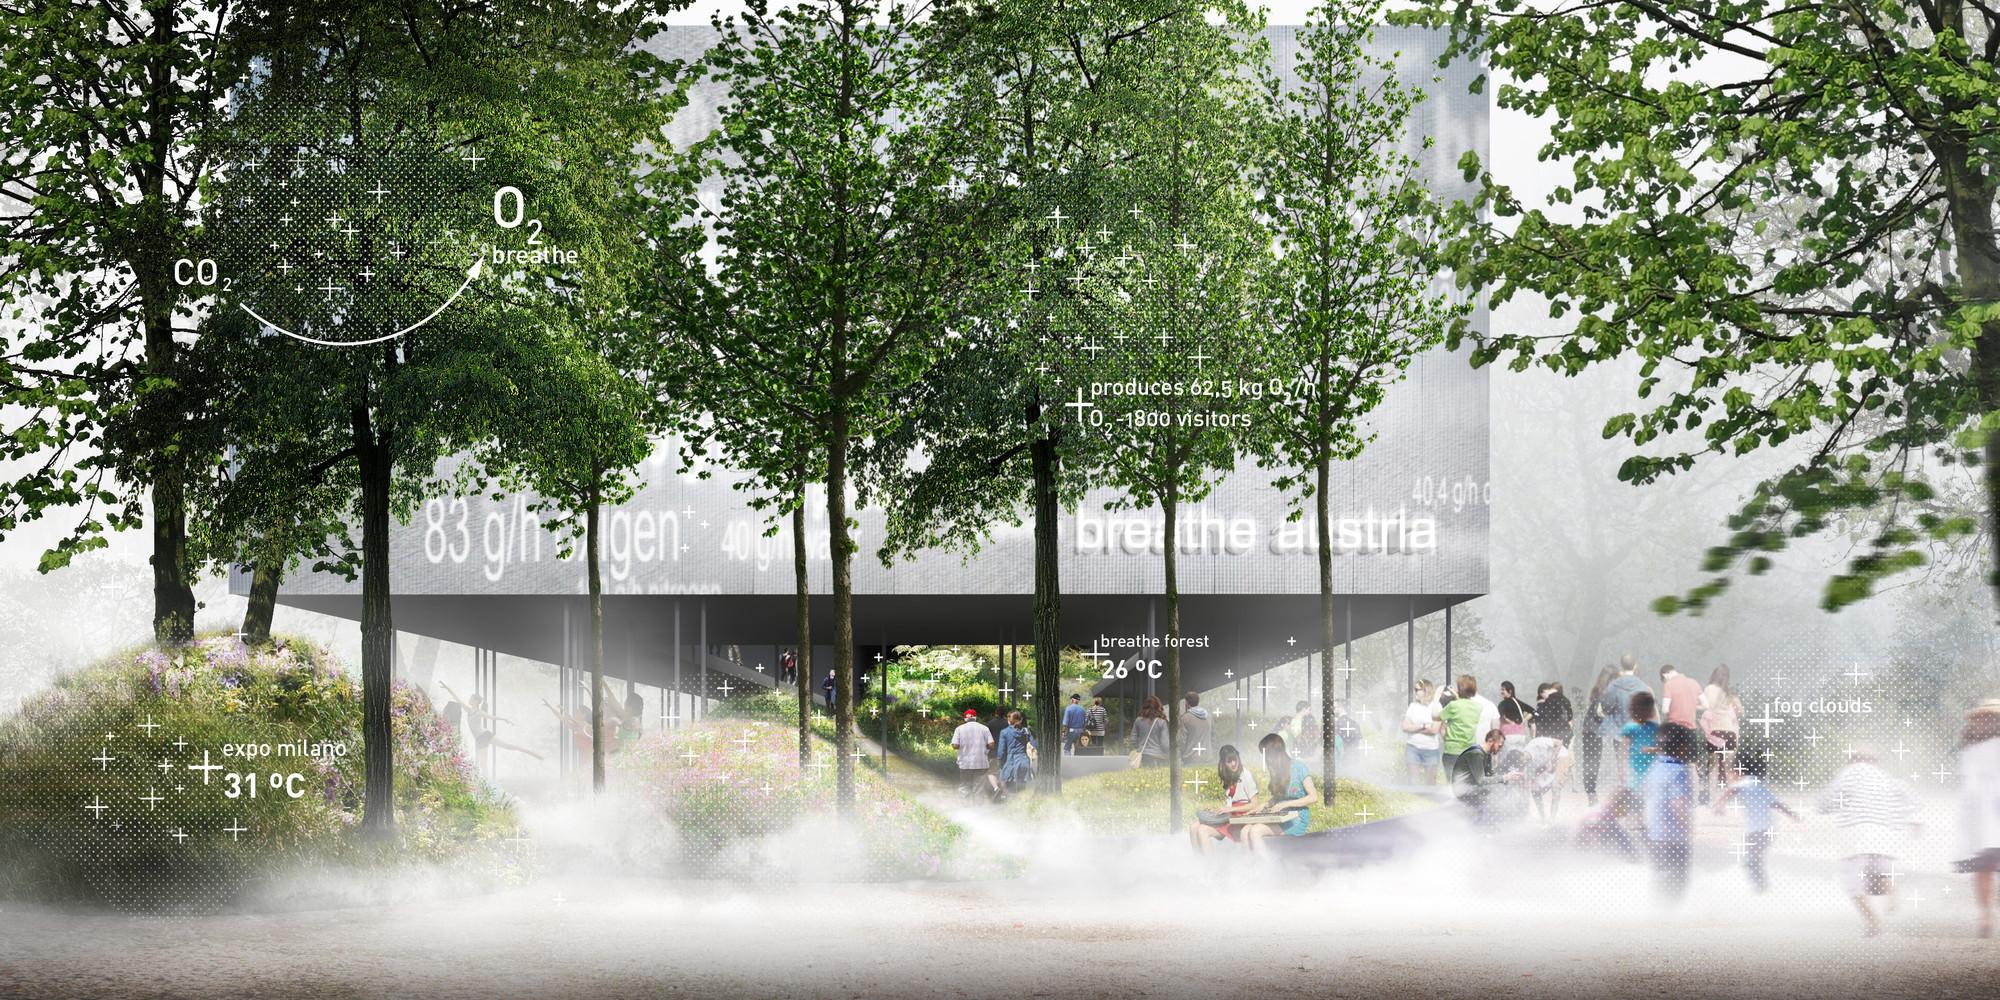 Expo Milán 2015: Pabellón austriaco simulará clima nativo y suficiente oxígeno para 18.000 personas, Vista exterior. Imagen © team.breathe.austria